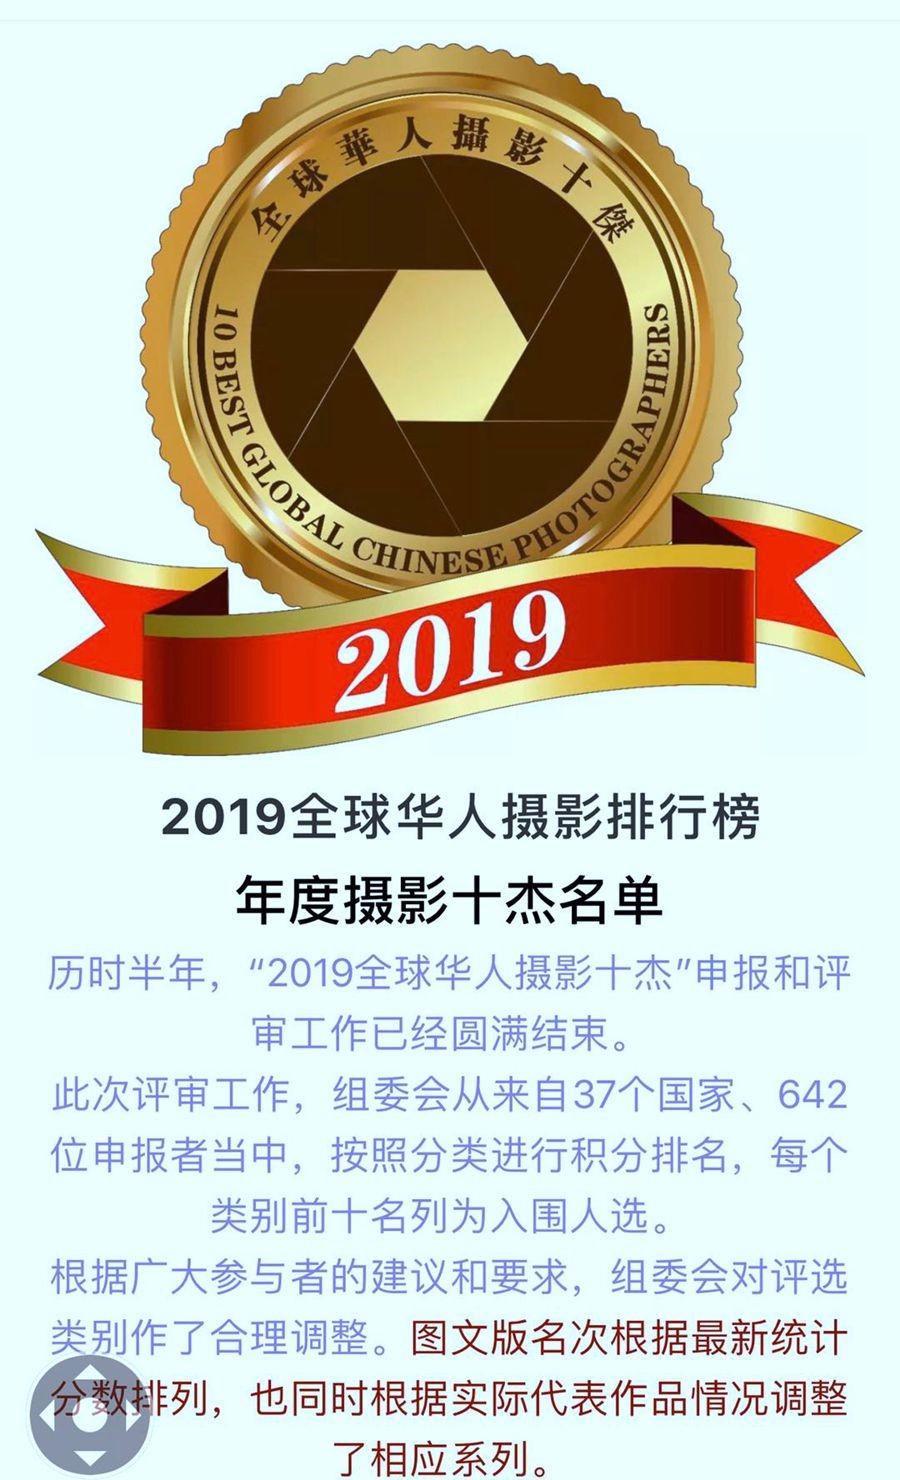 罗静如【小虫摄影】荣获2019年全球华人摄影十杰_图1-1